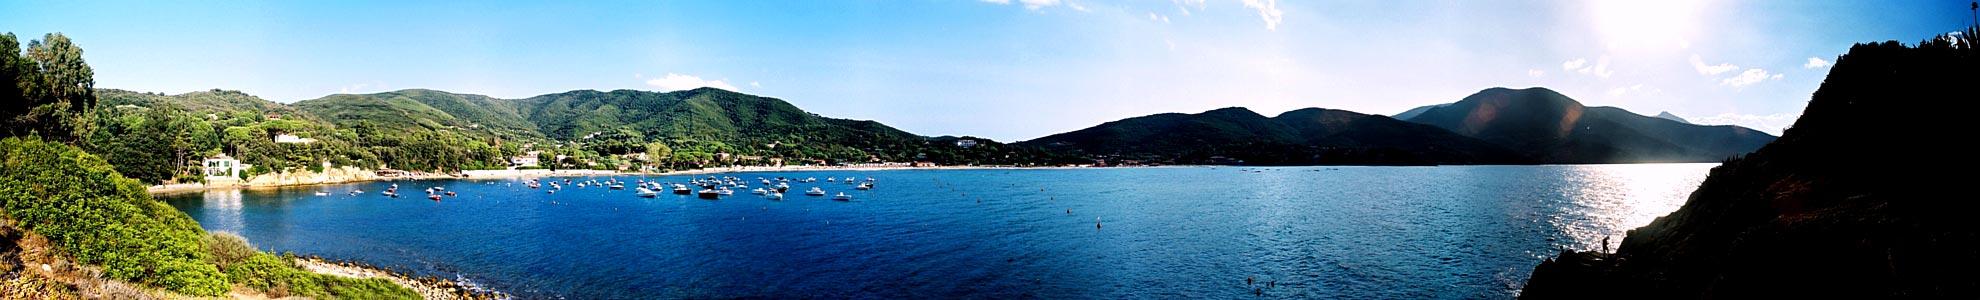 Bucht von Procchio - Insel Elba